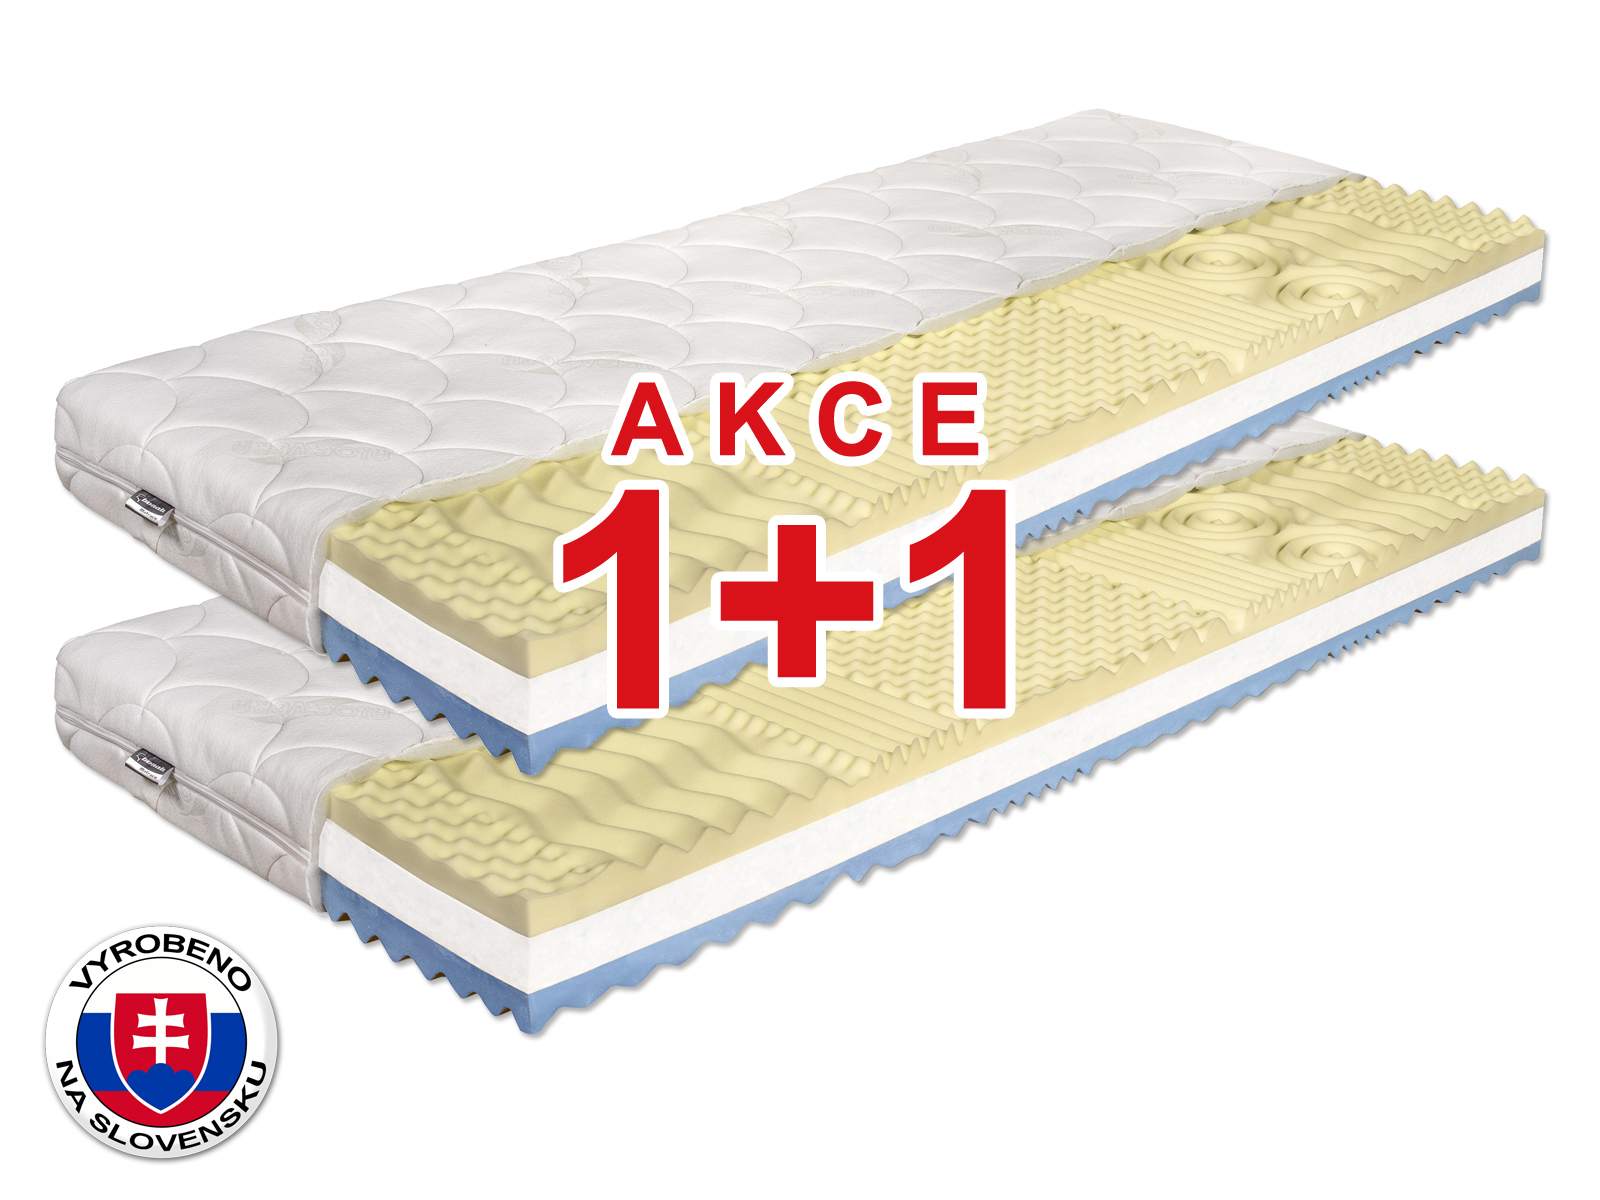 Pěnová matrace - Benab - Visco Plus - 200x80 cm (T3/T4) *AKCE 1+1. Antibakteriální, oboustranná slovenská matrace pro náročné v akci (1 + 1), se 7-zónovou profilací elastické paměťové pěny, s certifikátem OEKO-TEX.